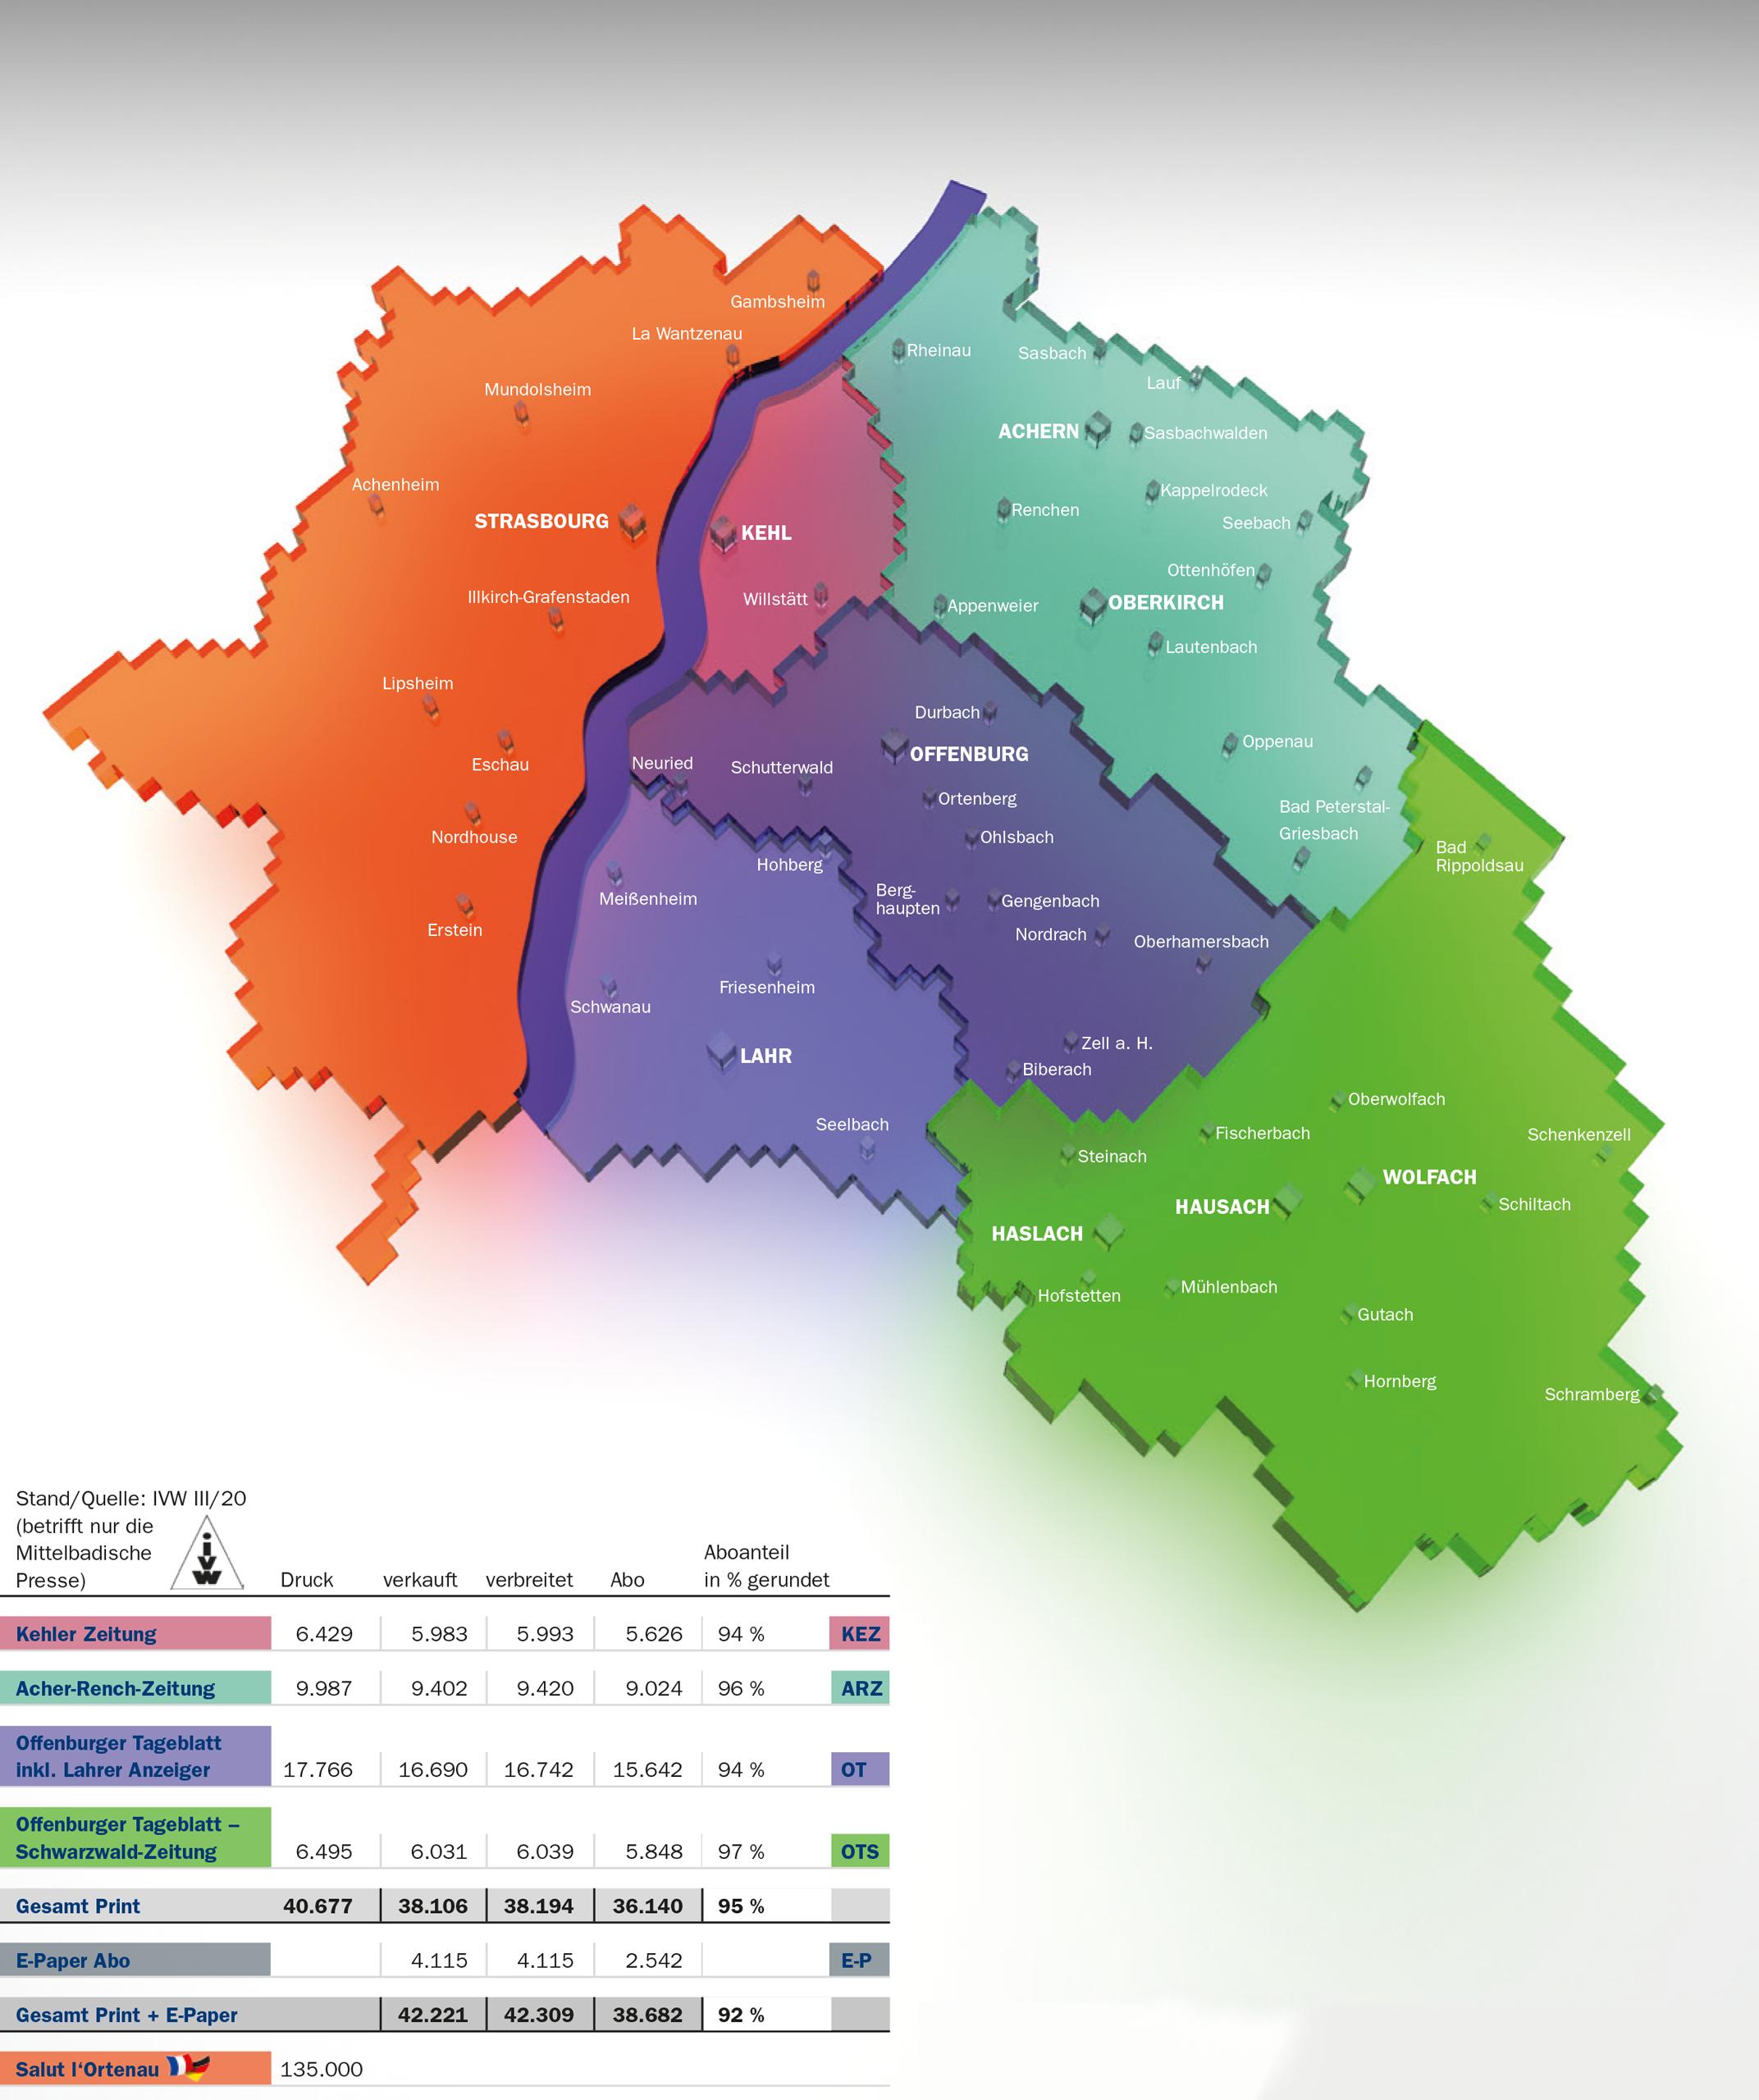 Verbreitungsgebiet Mittelbadische Presse